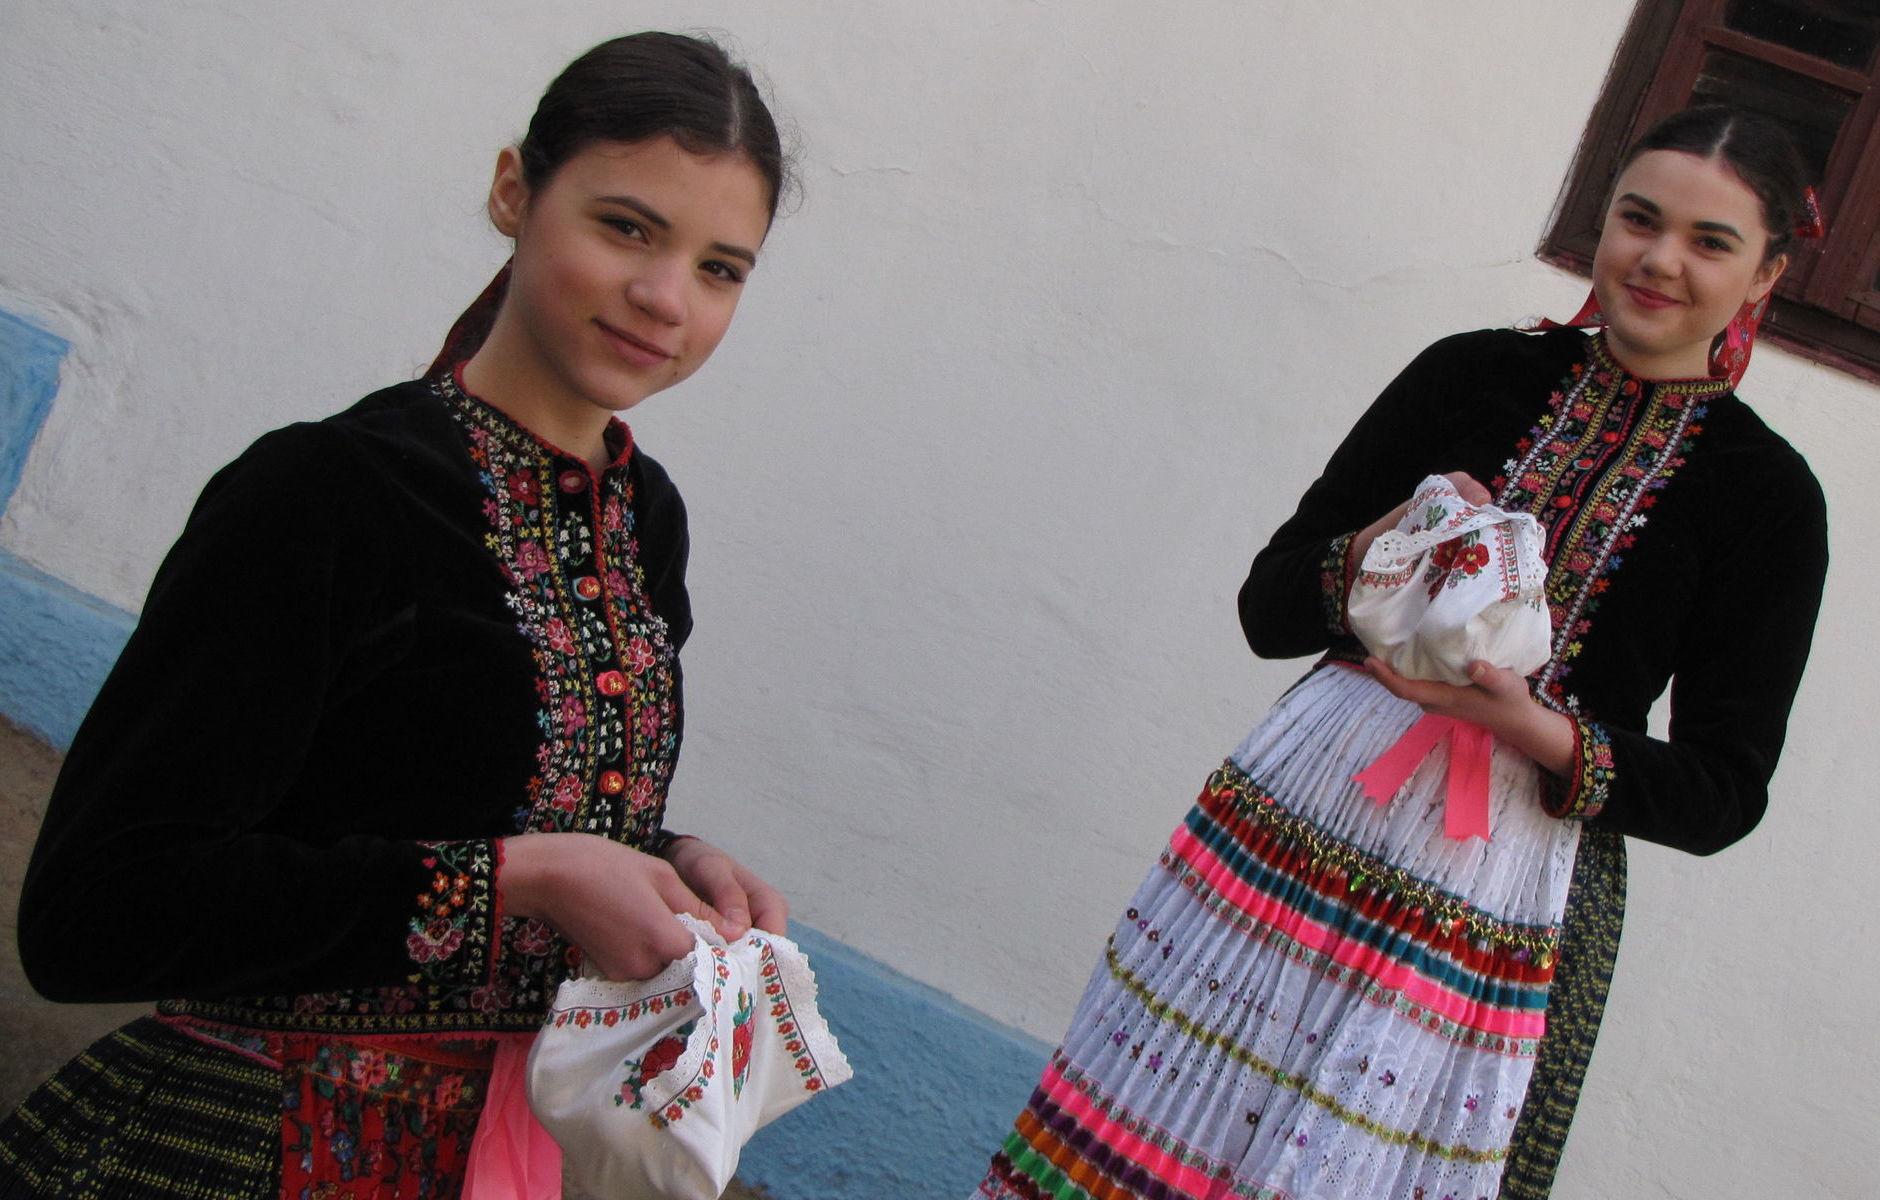 Mladé vyoblievané dievčatá nosievali po oblievačke šibačom surové vajíčka vo vyšívaných ručníčkoch.